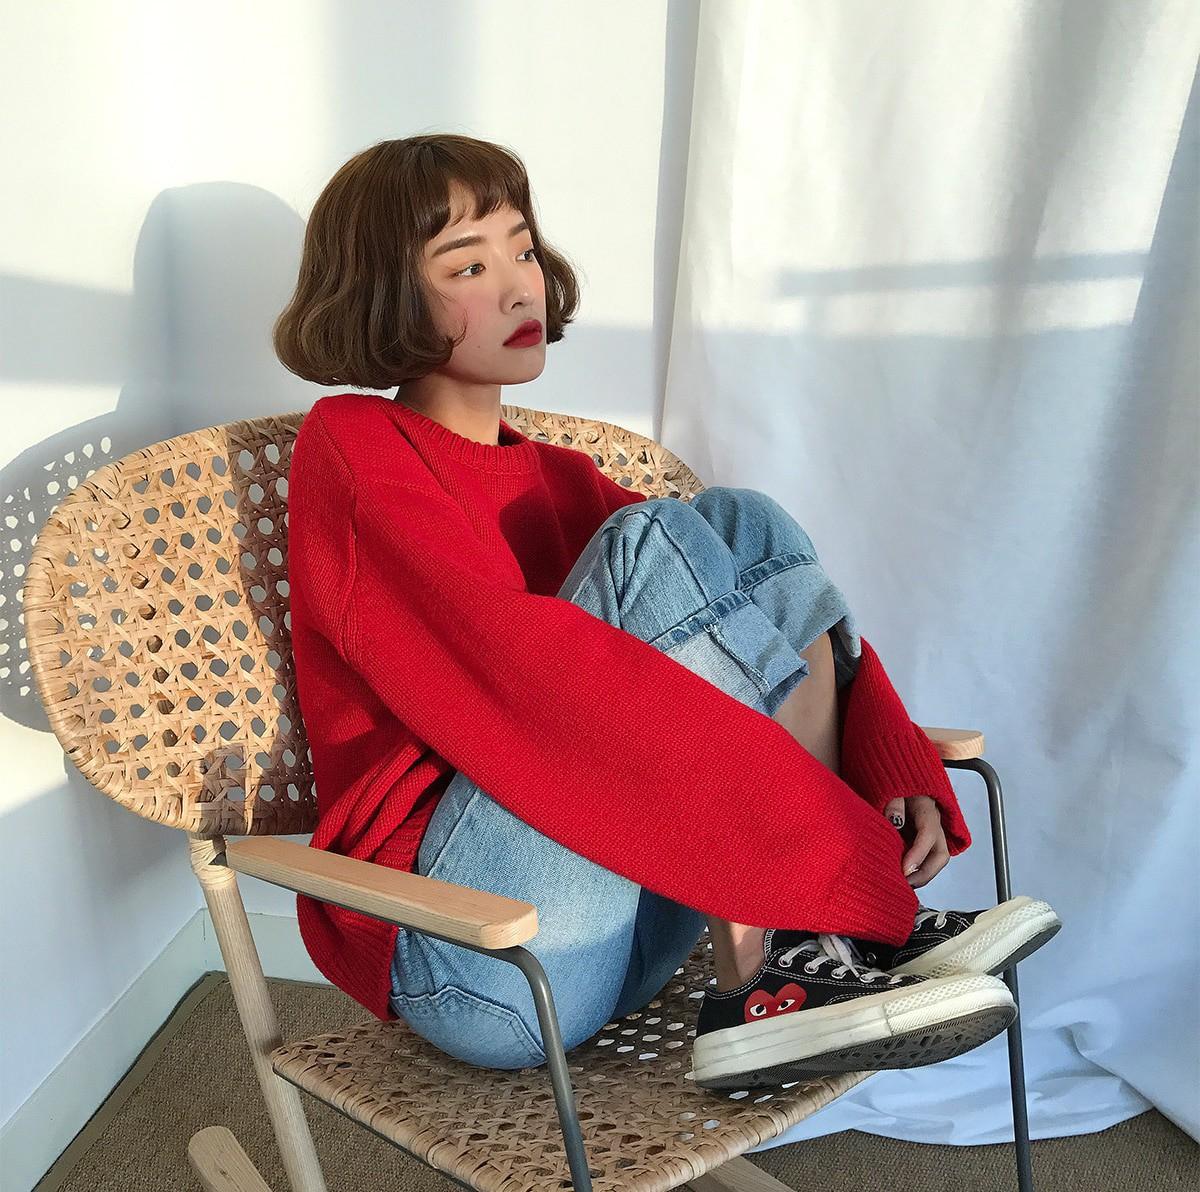 Áo len đỏ + quần jeans xanh + sneaker